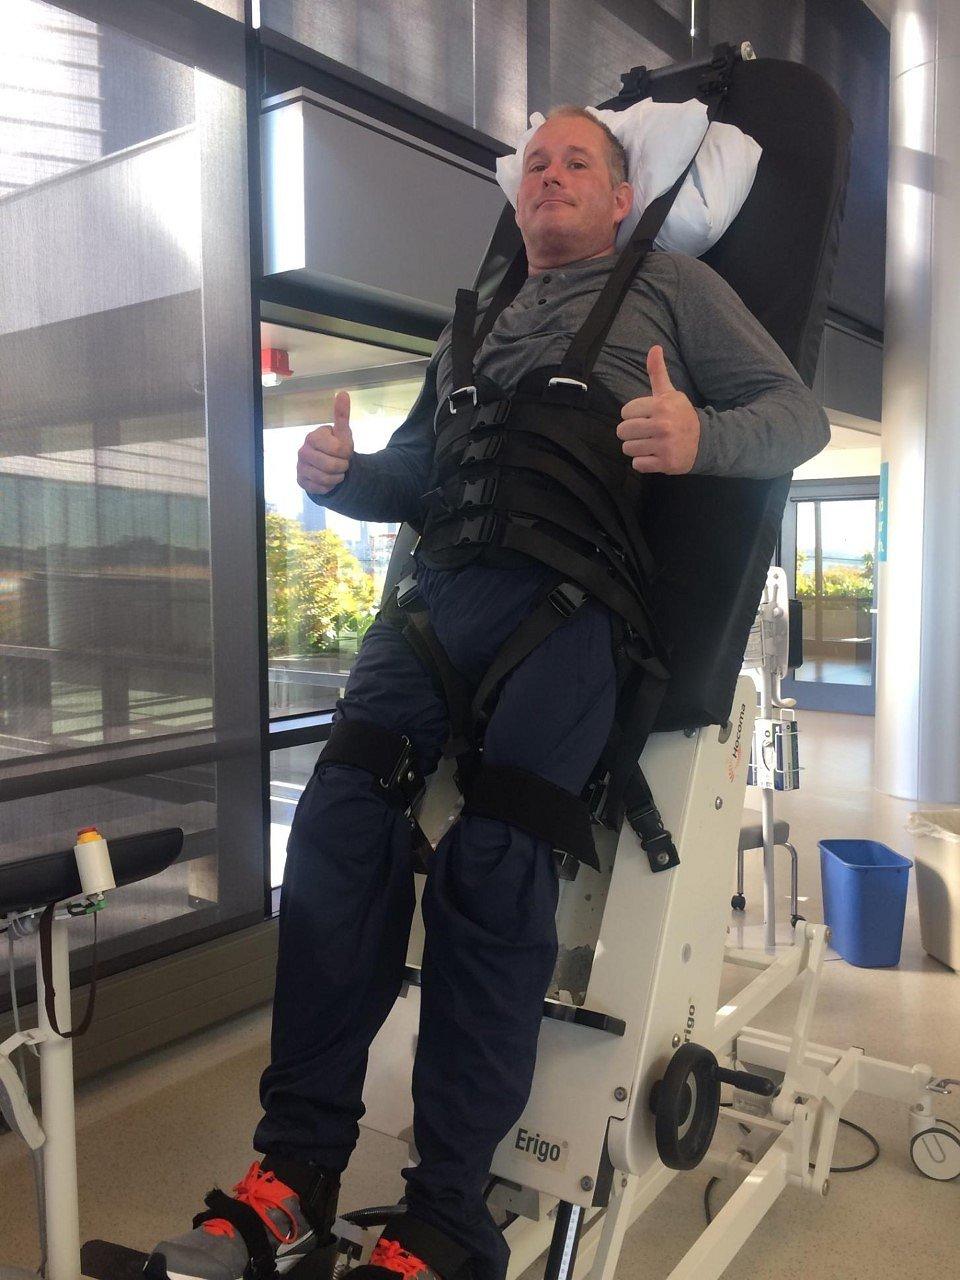 Matt at Spaulding Rehab.